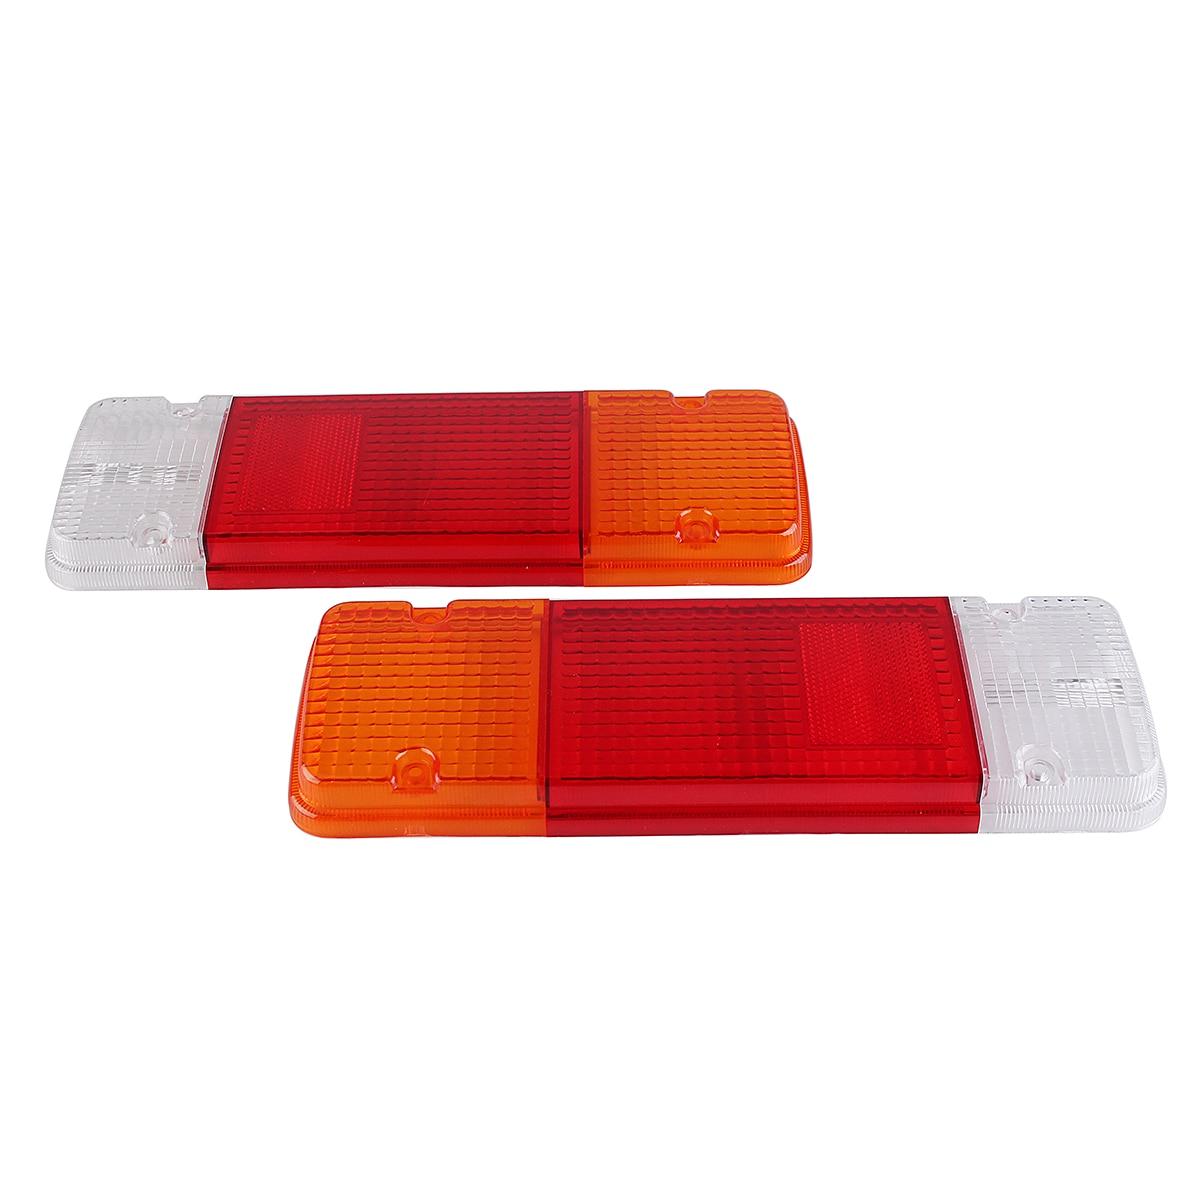 New Pair Rear Tail Light Lens White+Red+Amber Car Rear Tail Light Lens Rear Lamps for Toyota Hilux Landcruiser Ute 1984~2018